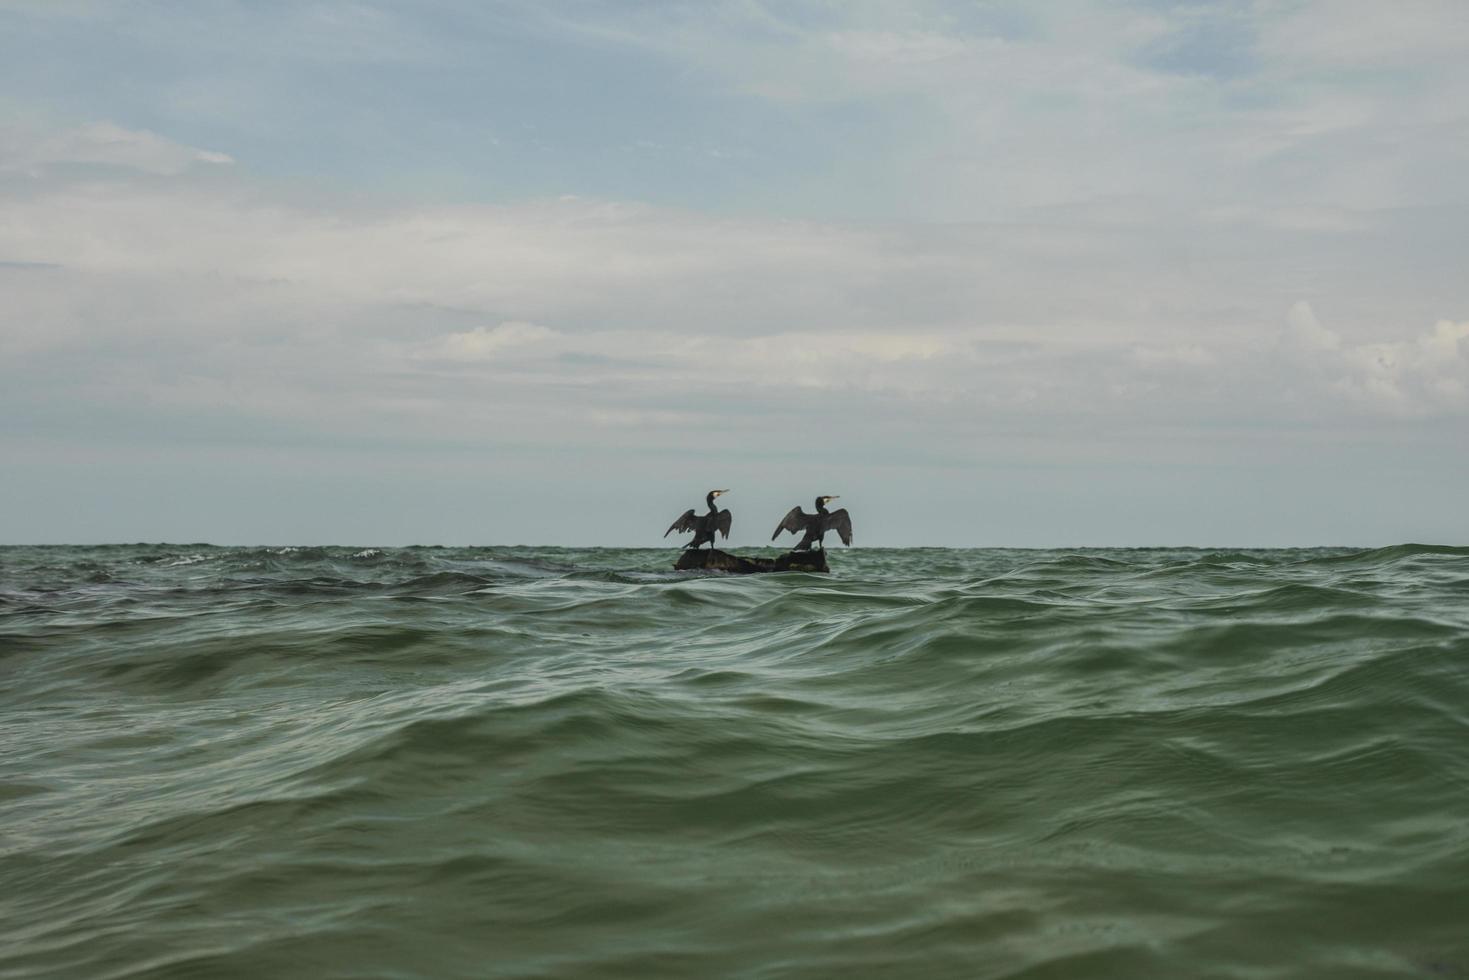 dos cormoranes secan sus alas en una piedra en medio del mar foto